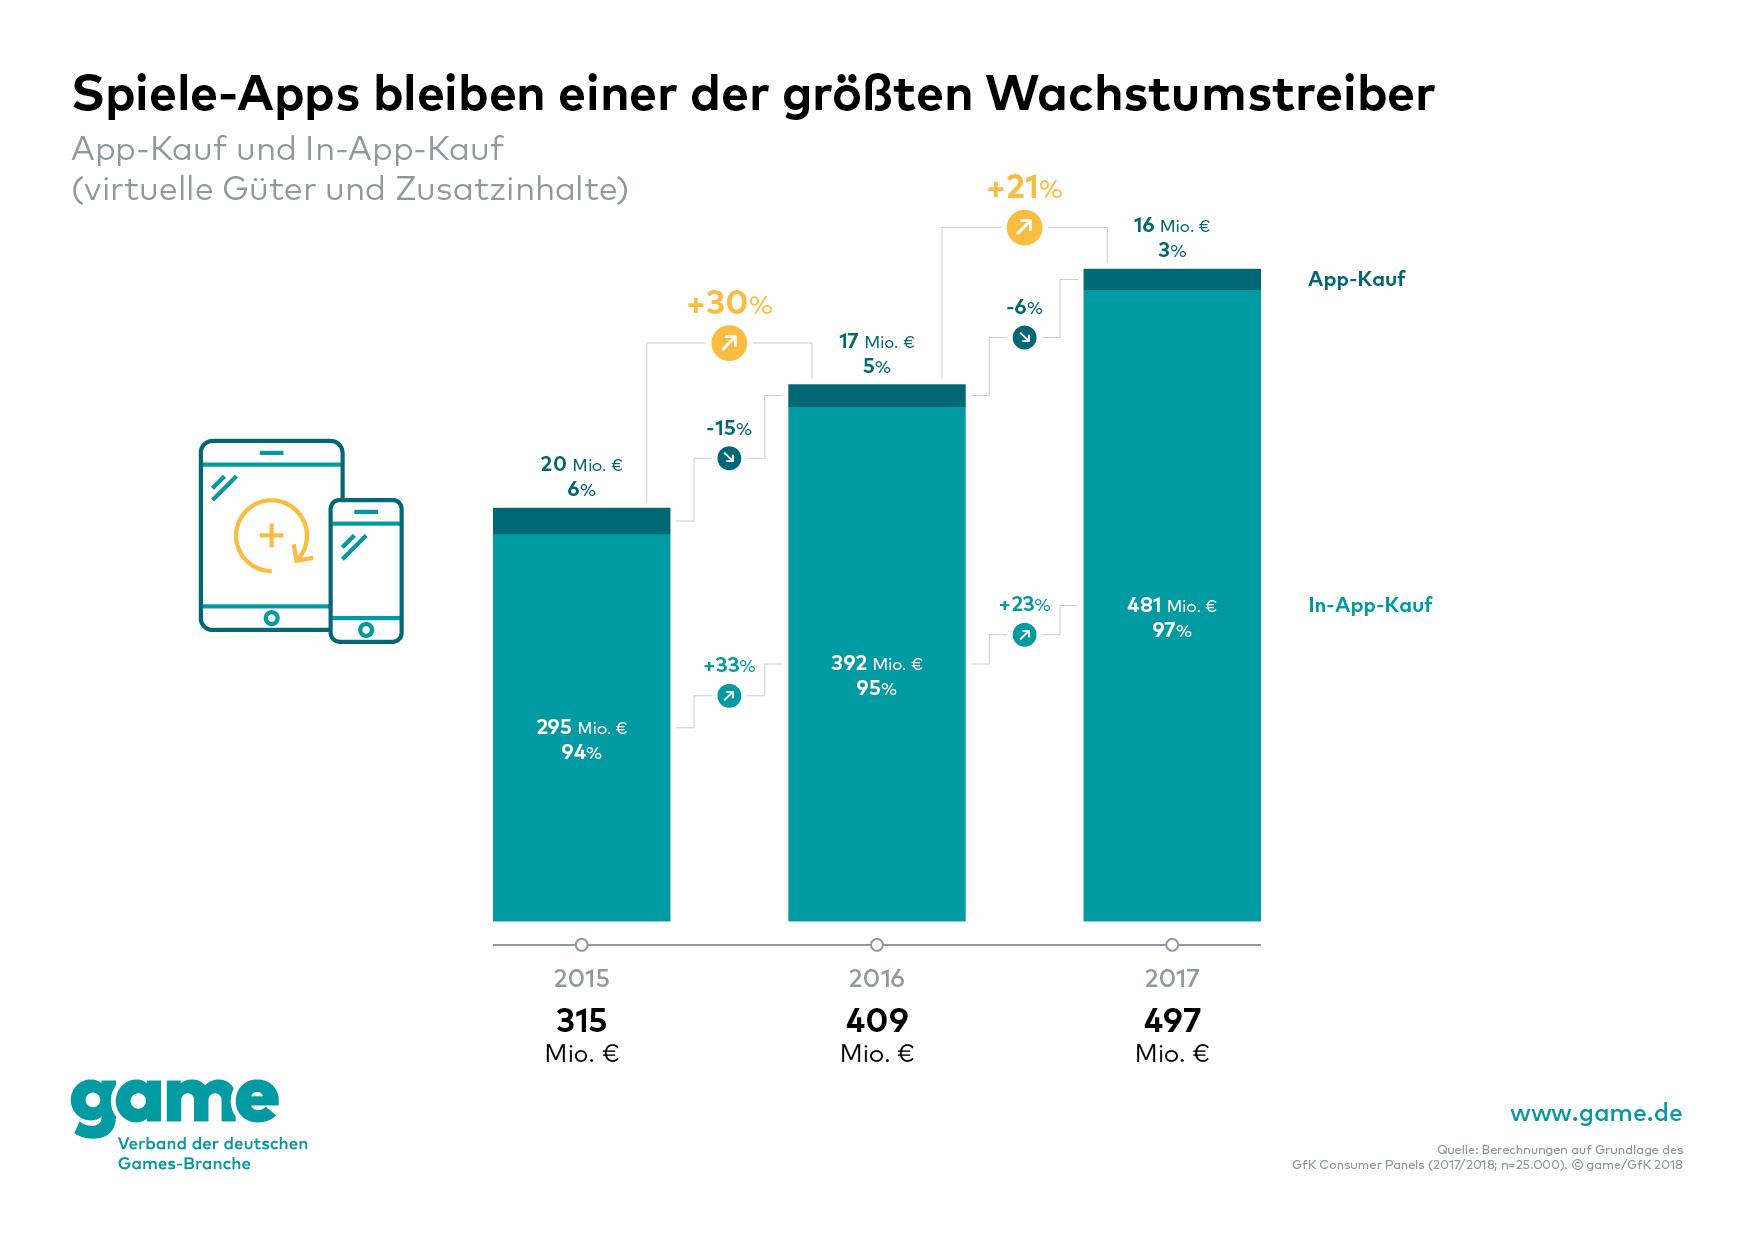 Games: Smartphone hat PC als beliebteste Spieleplattform überholt - Spiele-Apps bleiben Wachtstumstreiber. (Grafik: Game)